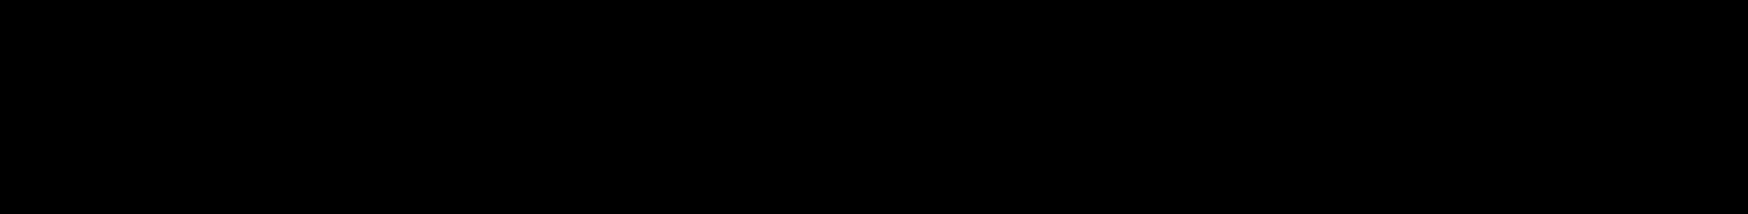 Canes logo